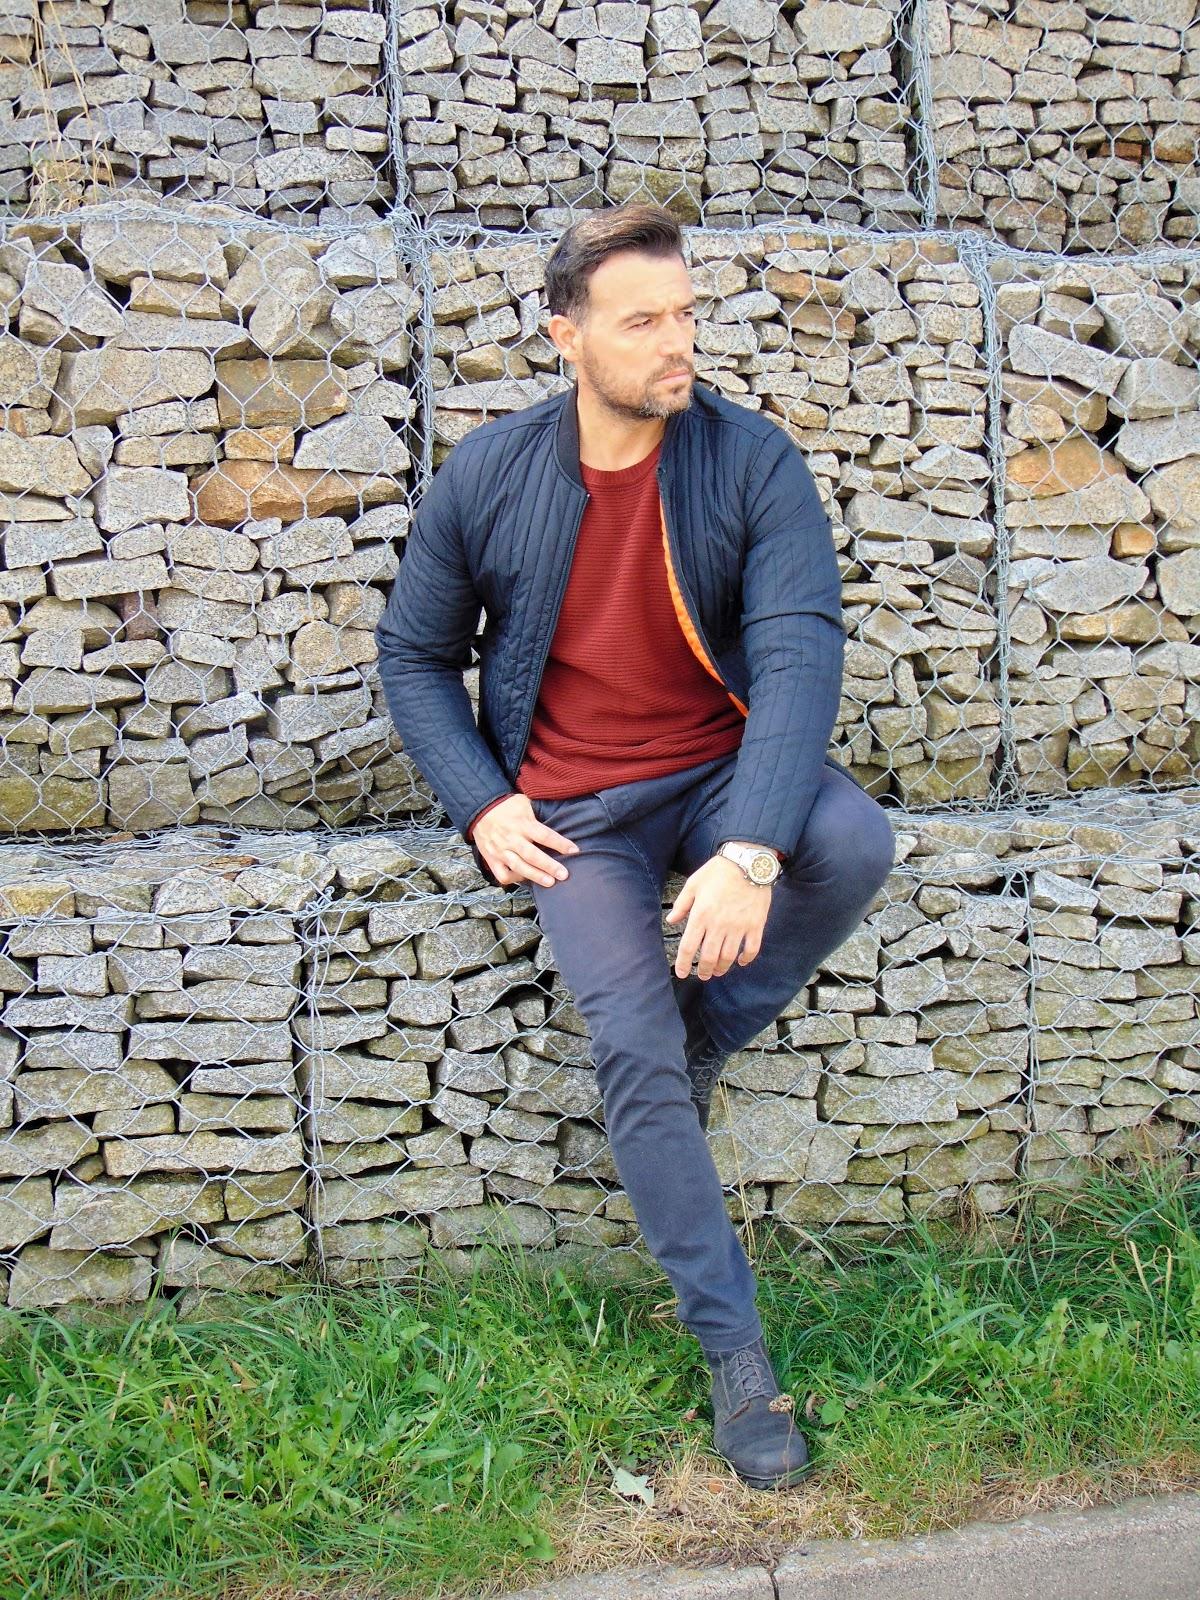 e77fa3e630a01 Modna, prosta kurtka w połączeniu z jeansowymi spodniami to świetny wybór.  Dla ceniących wygodę, to świetne rozwiązanie. Taki look będzie odpowiednim  do ...